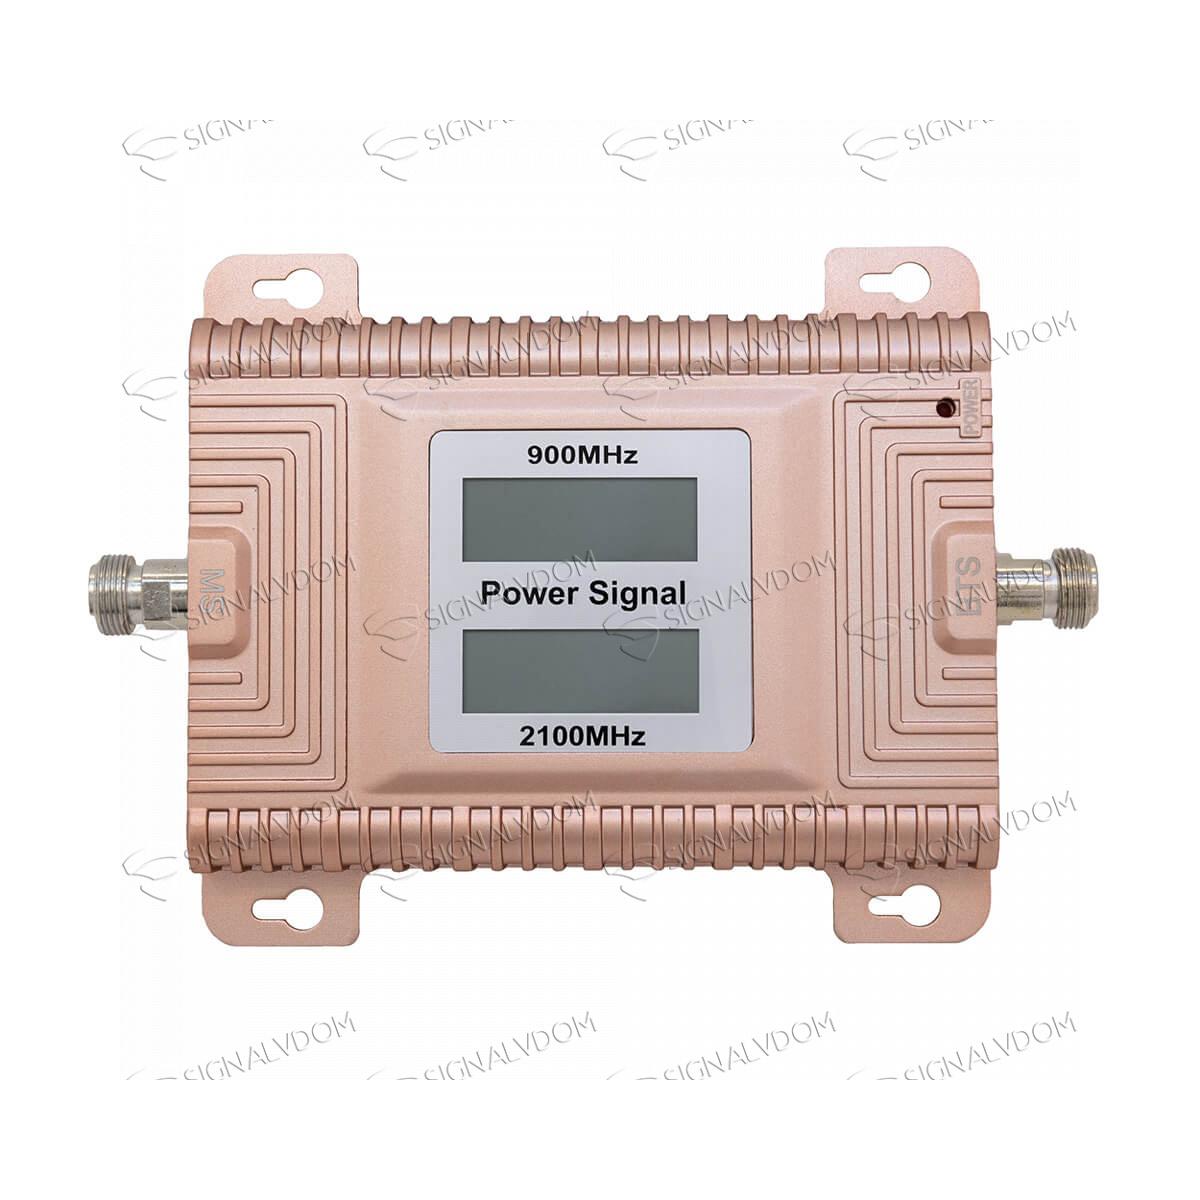 Усилитель сигнала Power Signal Standard 900/2100 MHz (для 2G, 3G) 70 dBi, кабель 15 м., комплект - 4